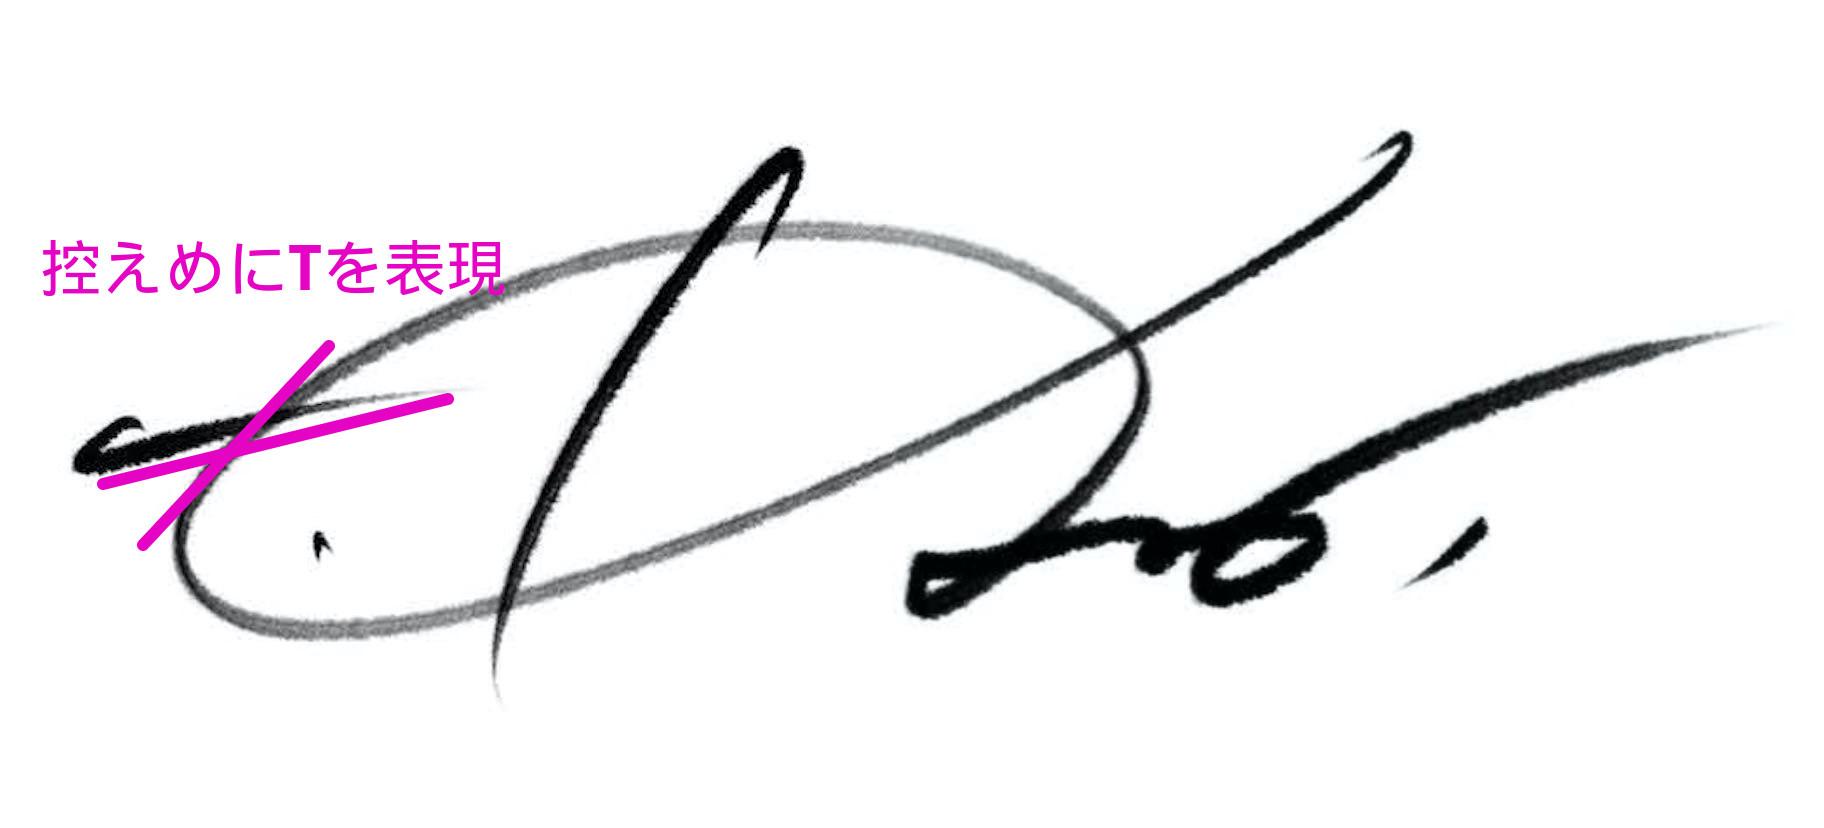 ハーマンインターナショナル久保様のサイン